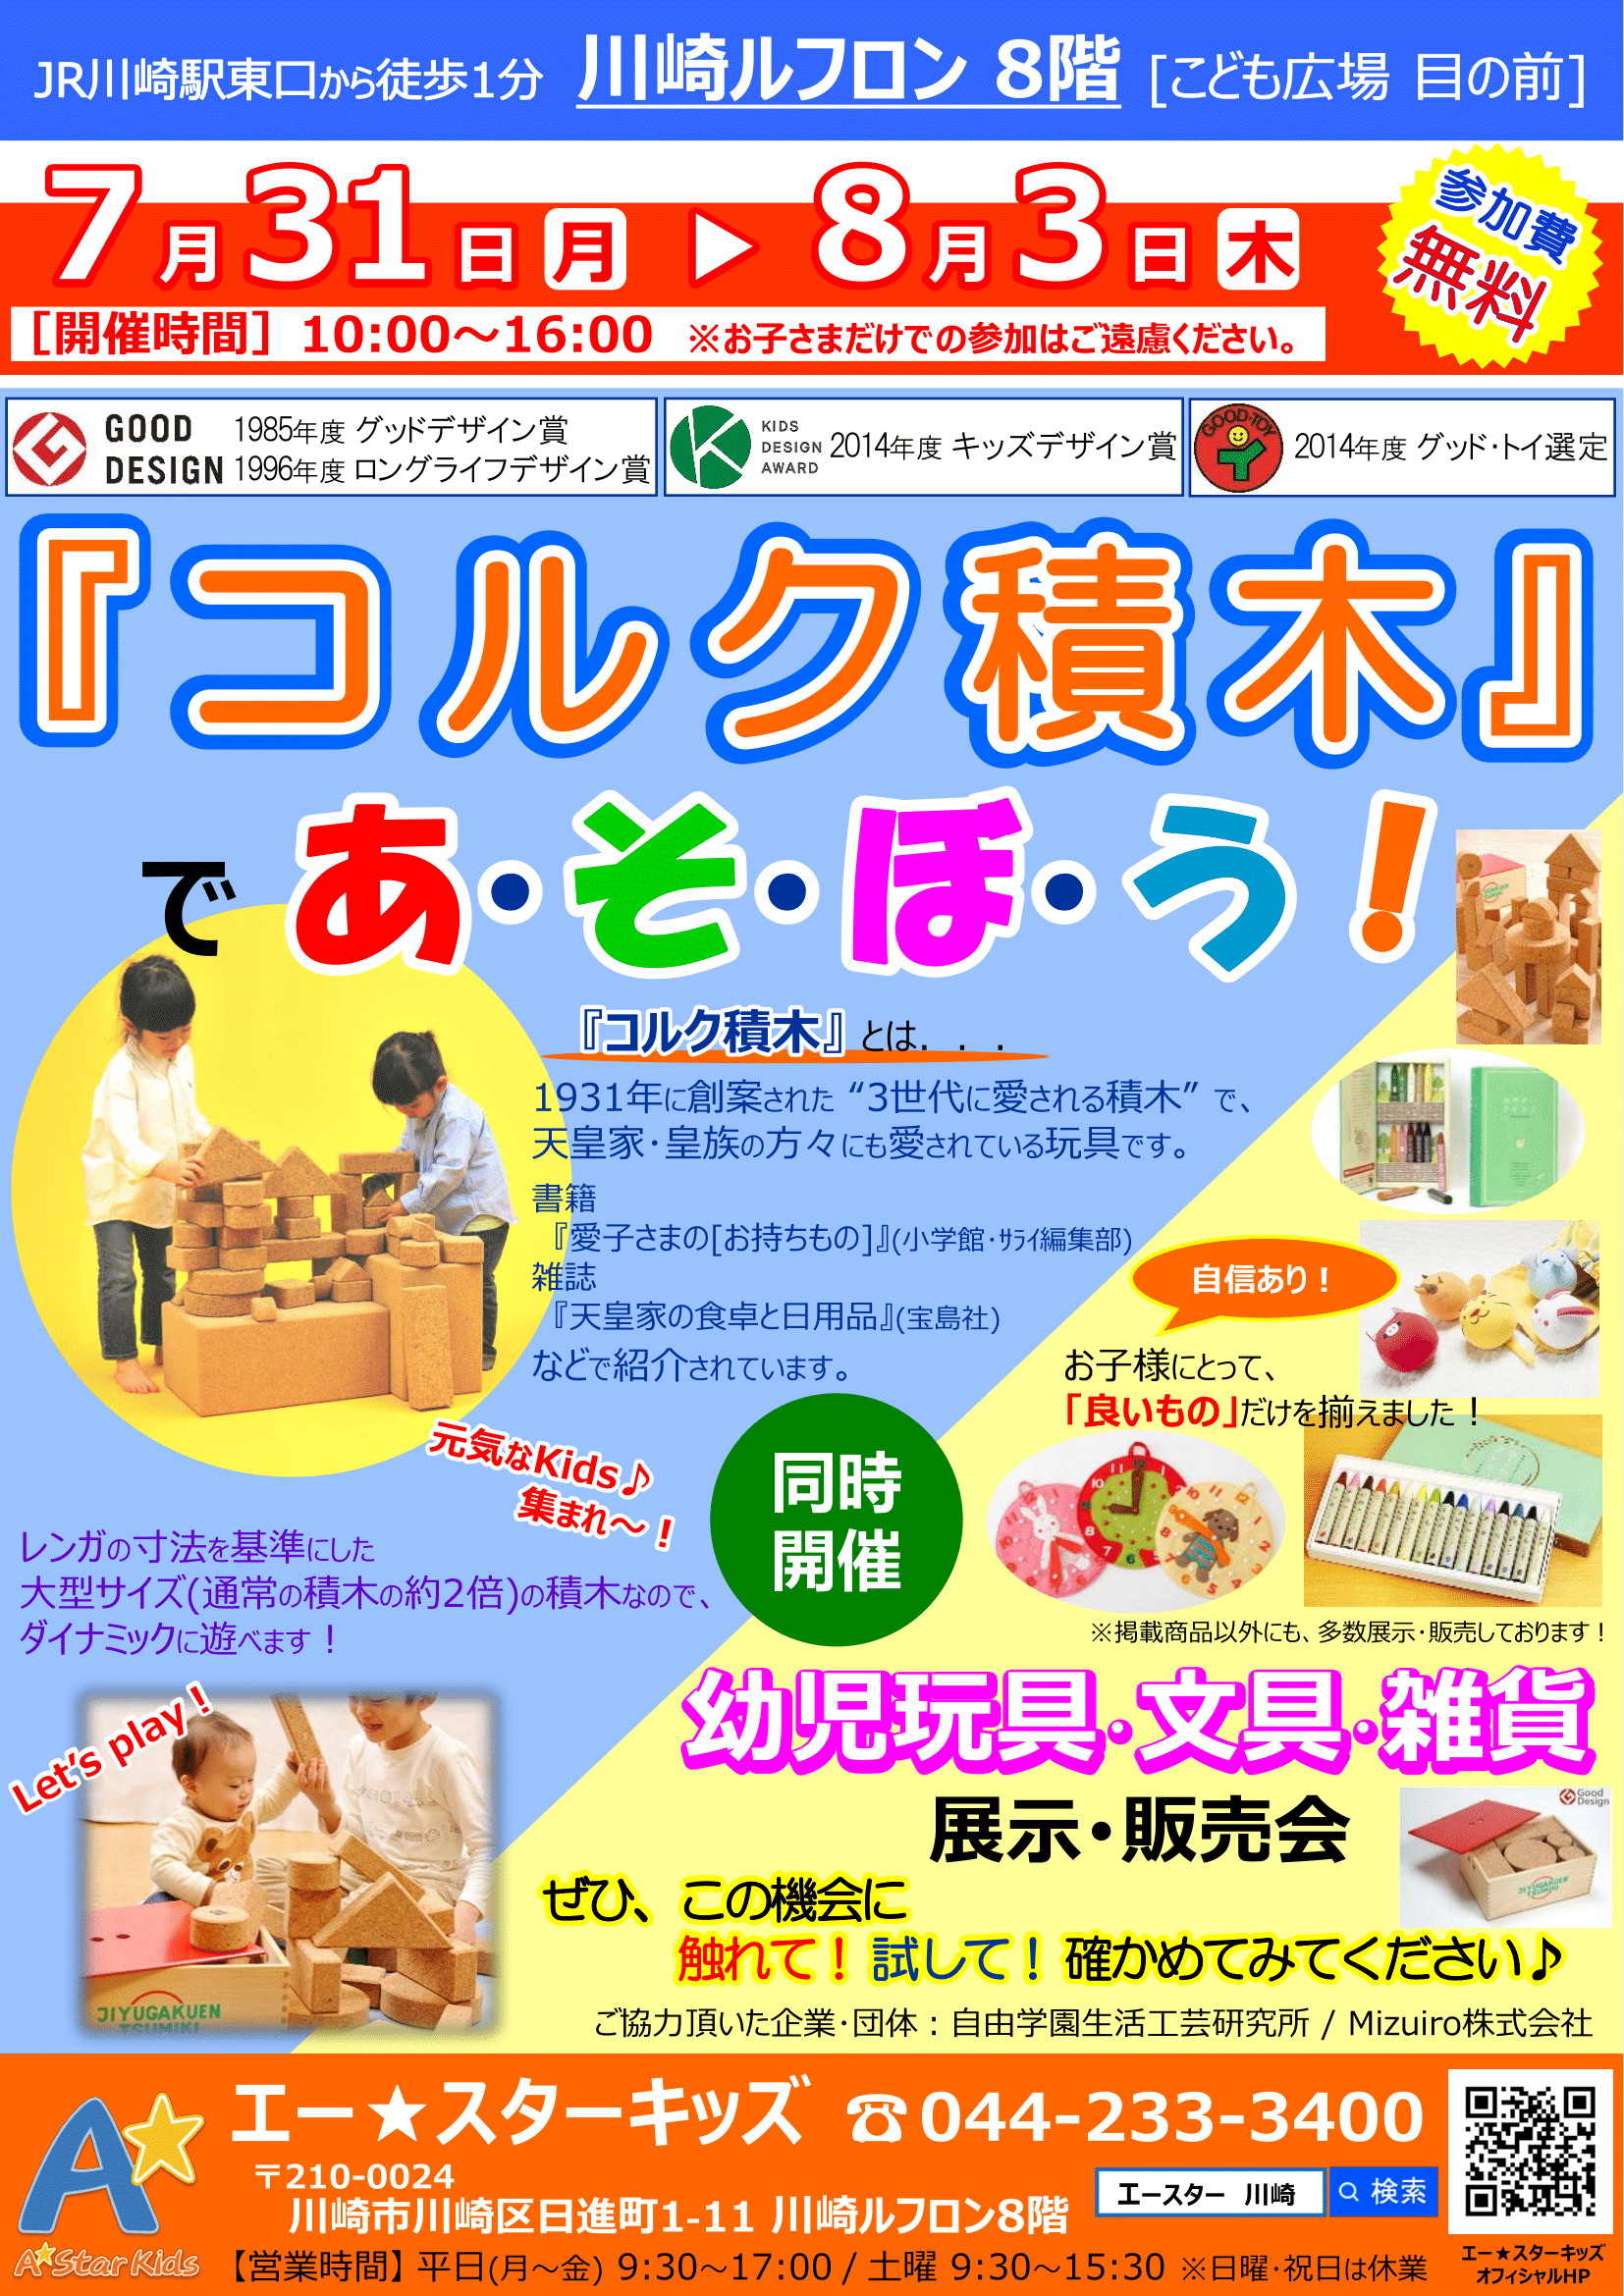 2017年夏休み特別企画「コルク積木であそぼう!」